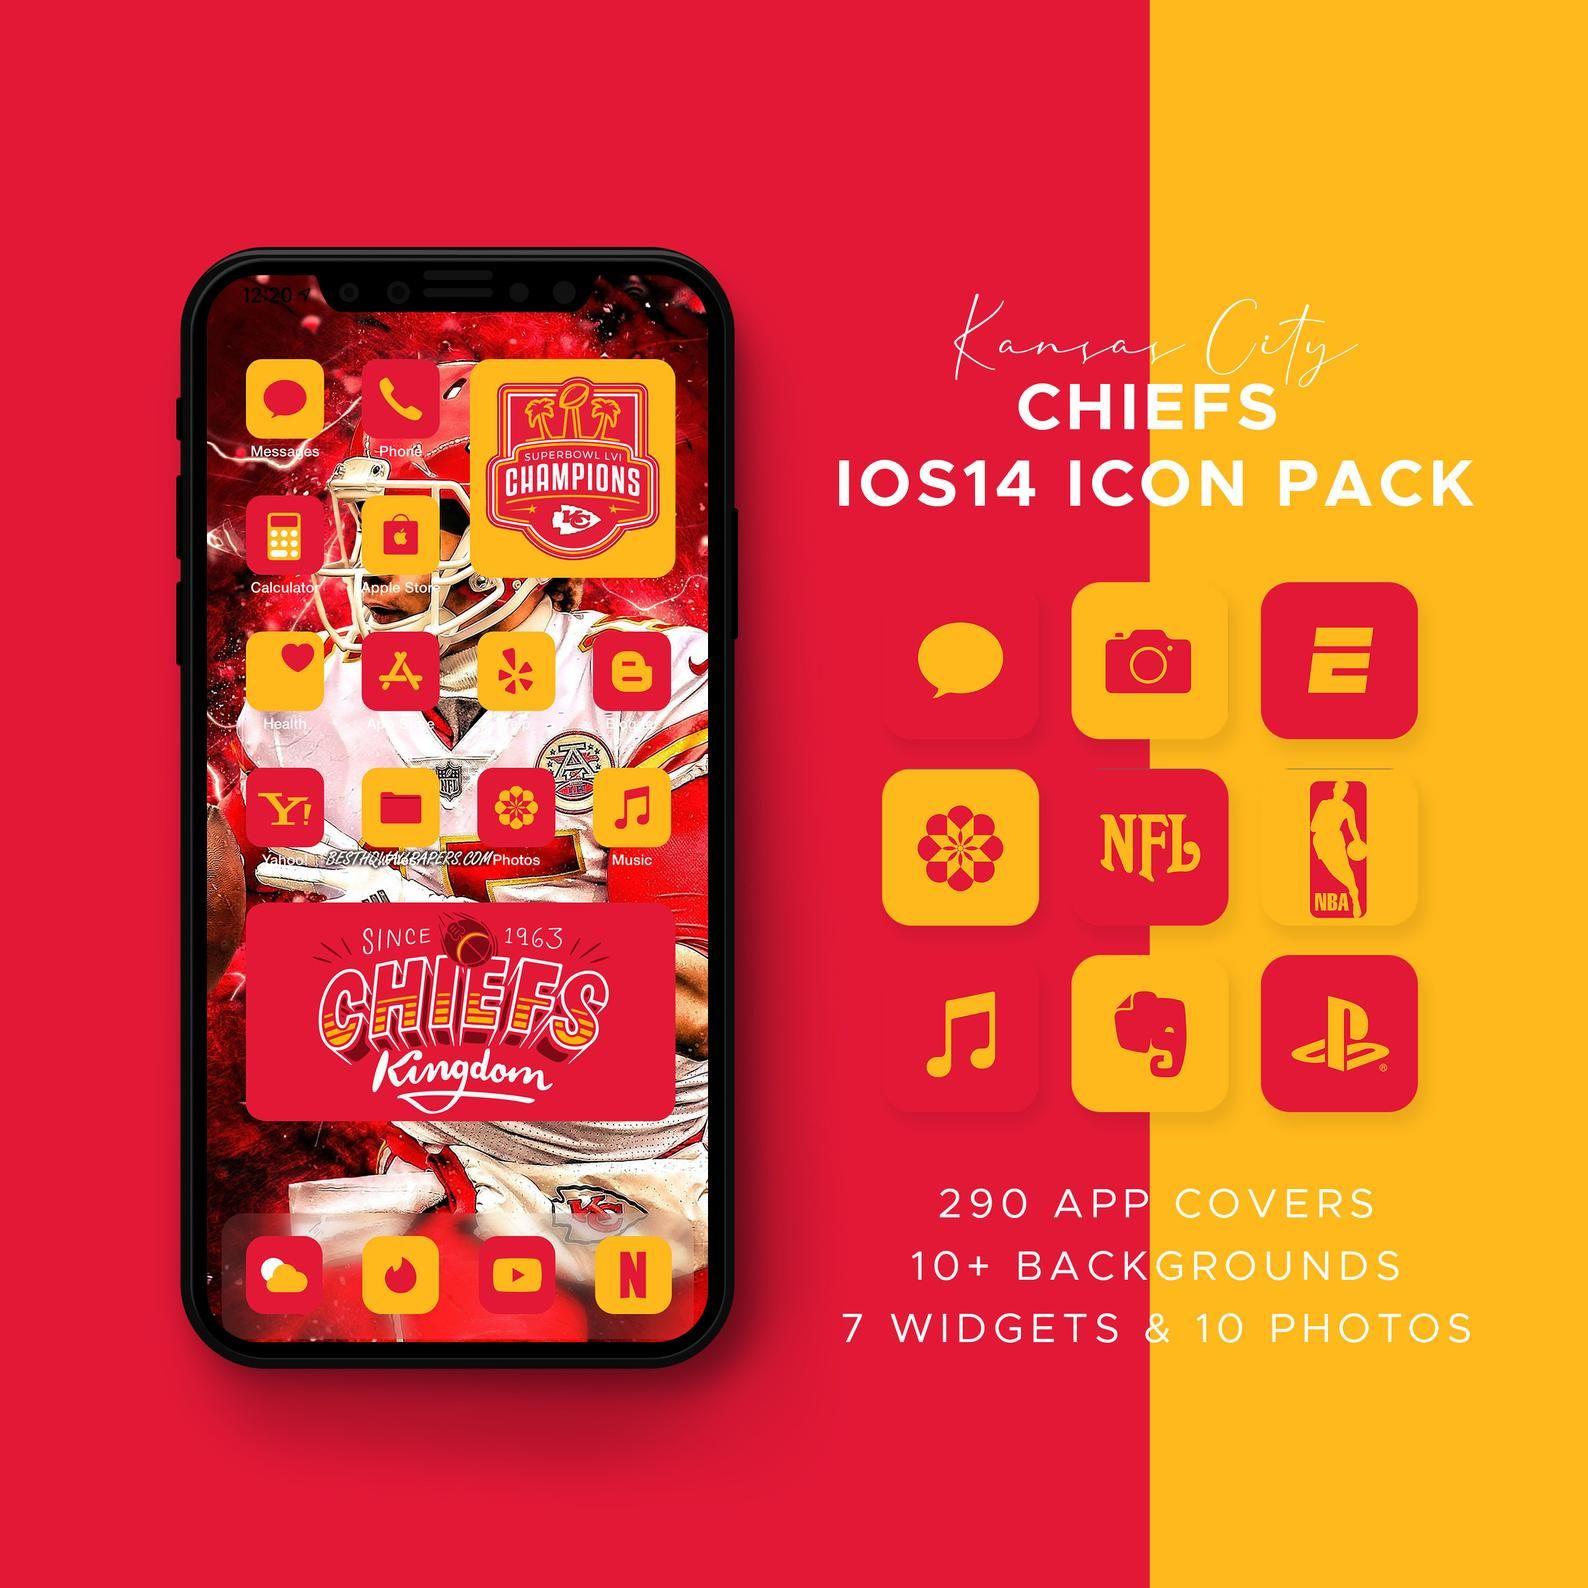 Kansas City Chiefs Ios14 Icon Theme Pack Ios14 Icons Bundle Etsy App Covers Kansas City Chiefs Themes App Home screen iphone 7 chiefs wallpaper